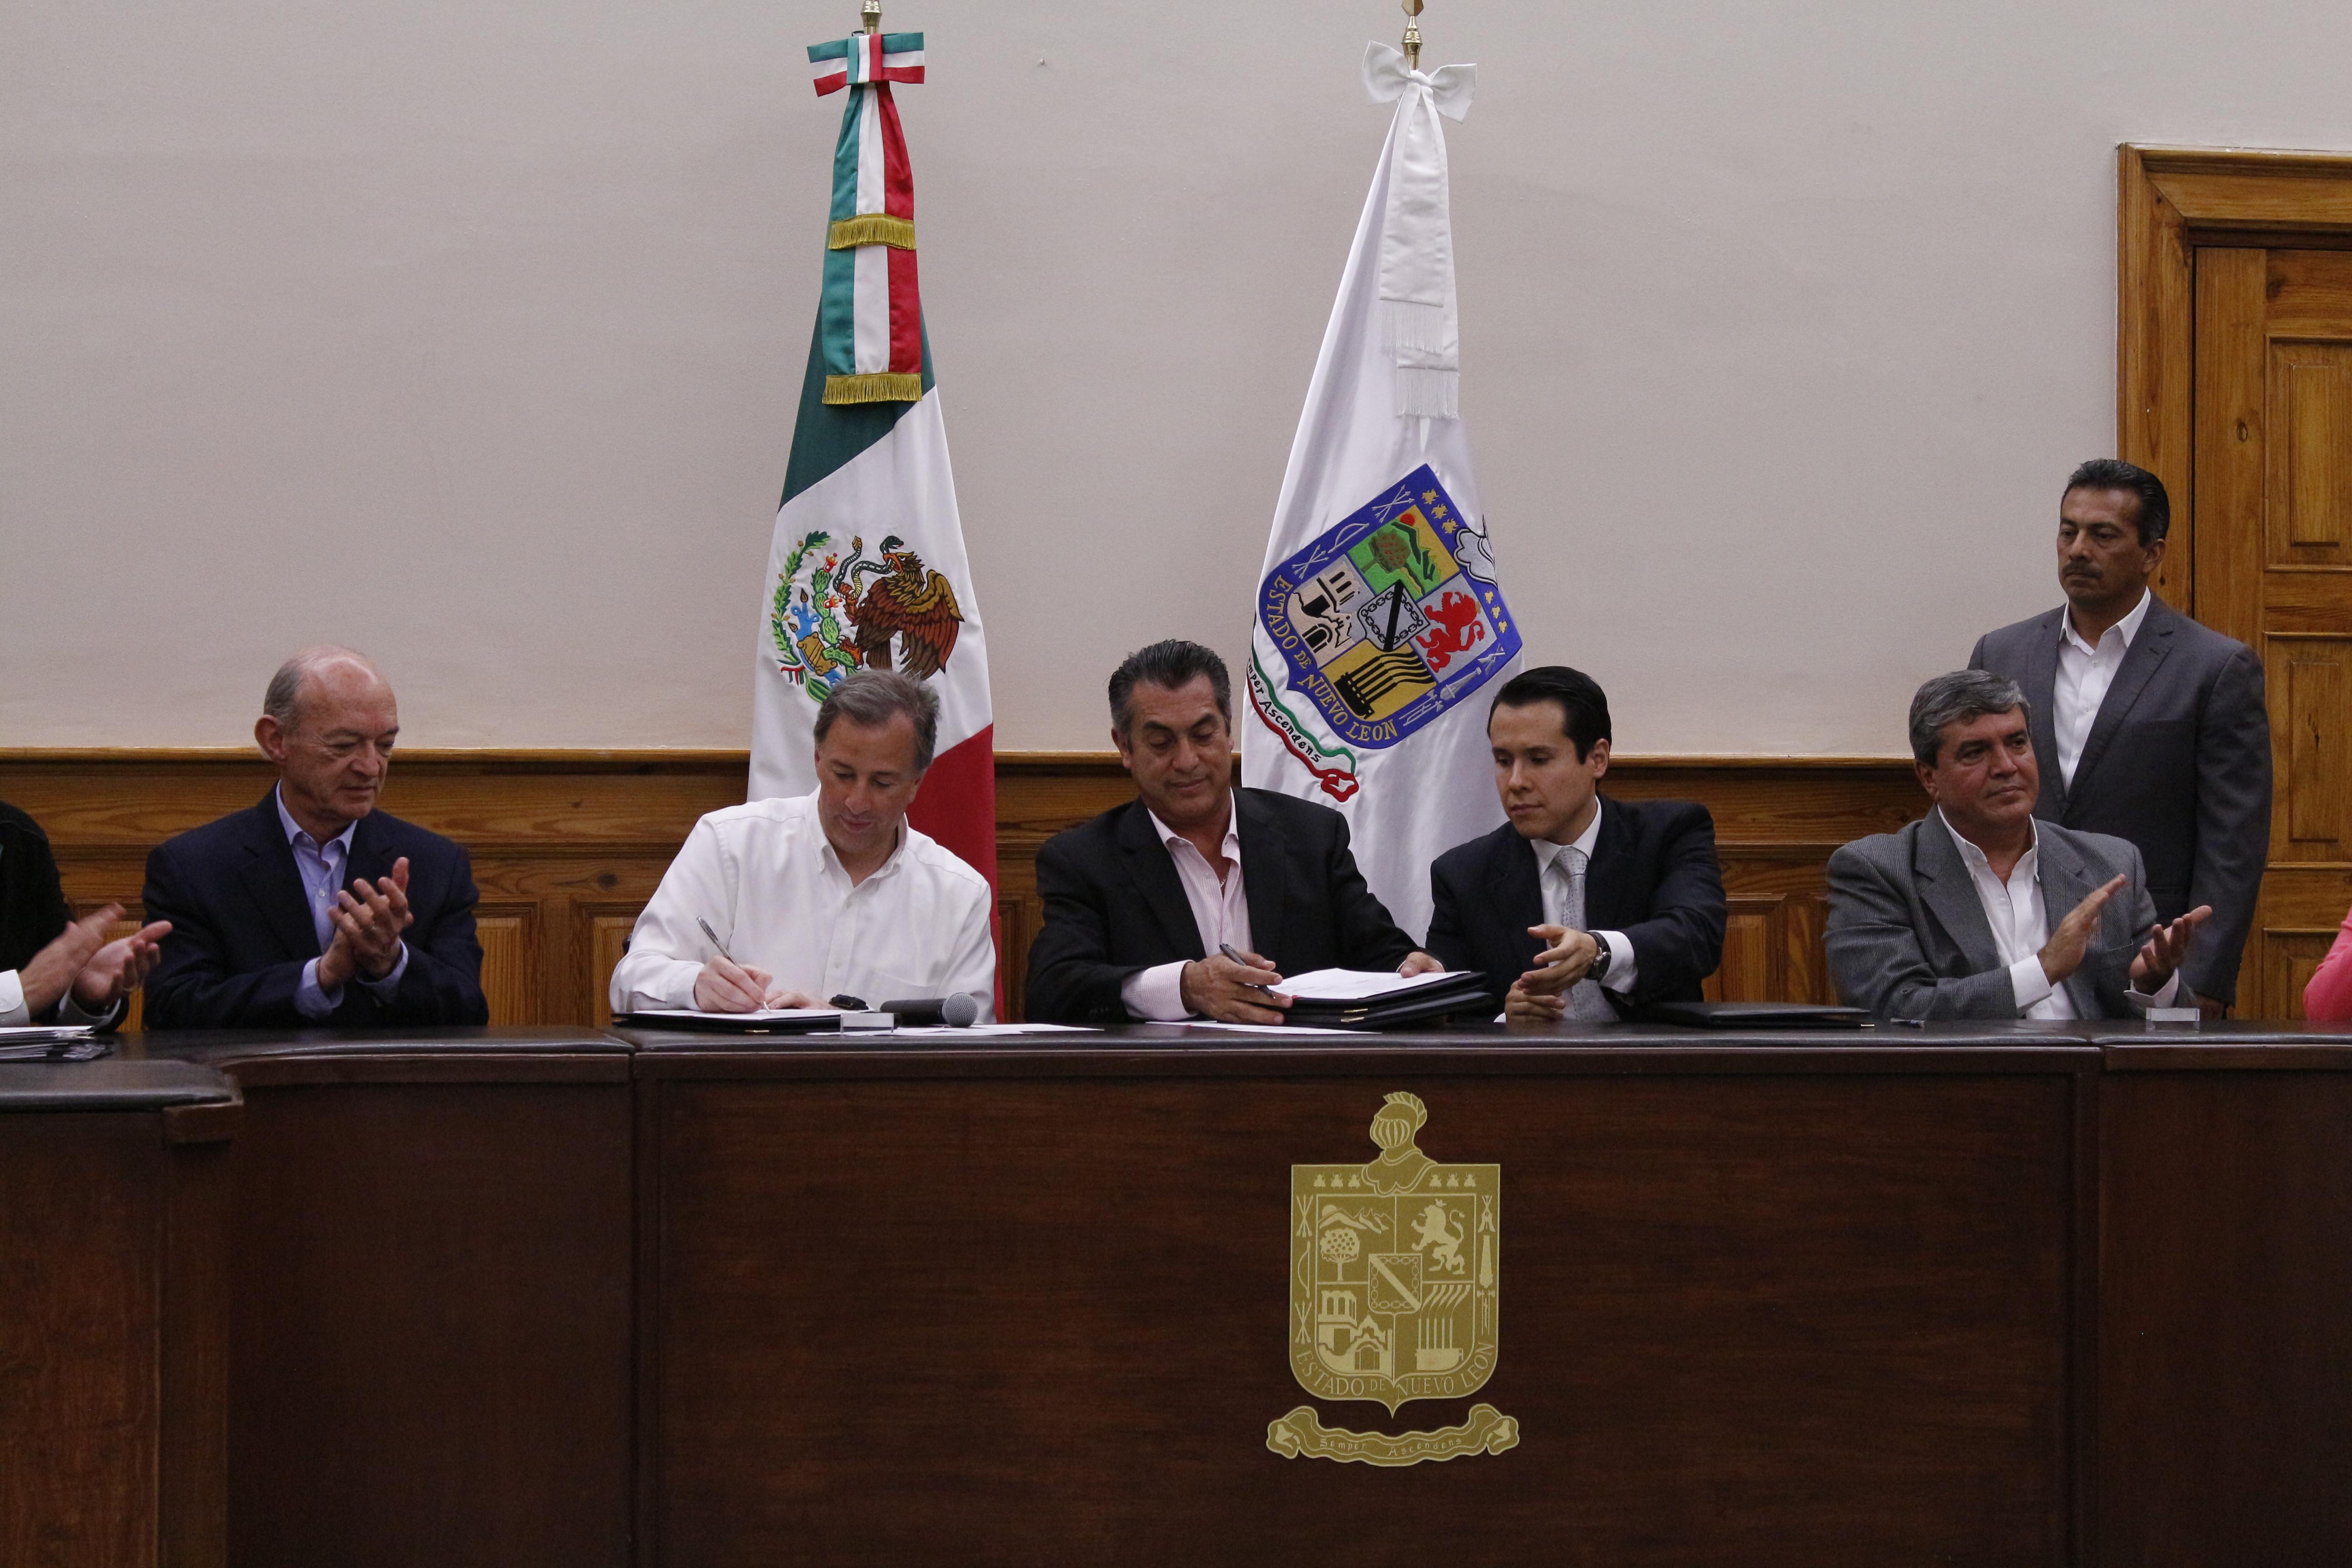 Sólo la coordinación y el esfuerzo de todos permitirá reducir la desigualdad en Nuevo León: Meade Kuribreña